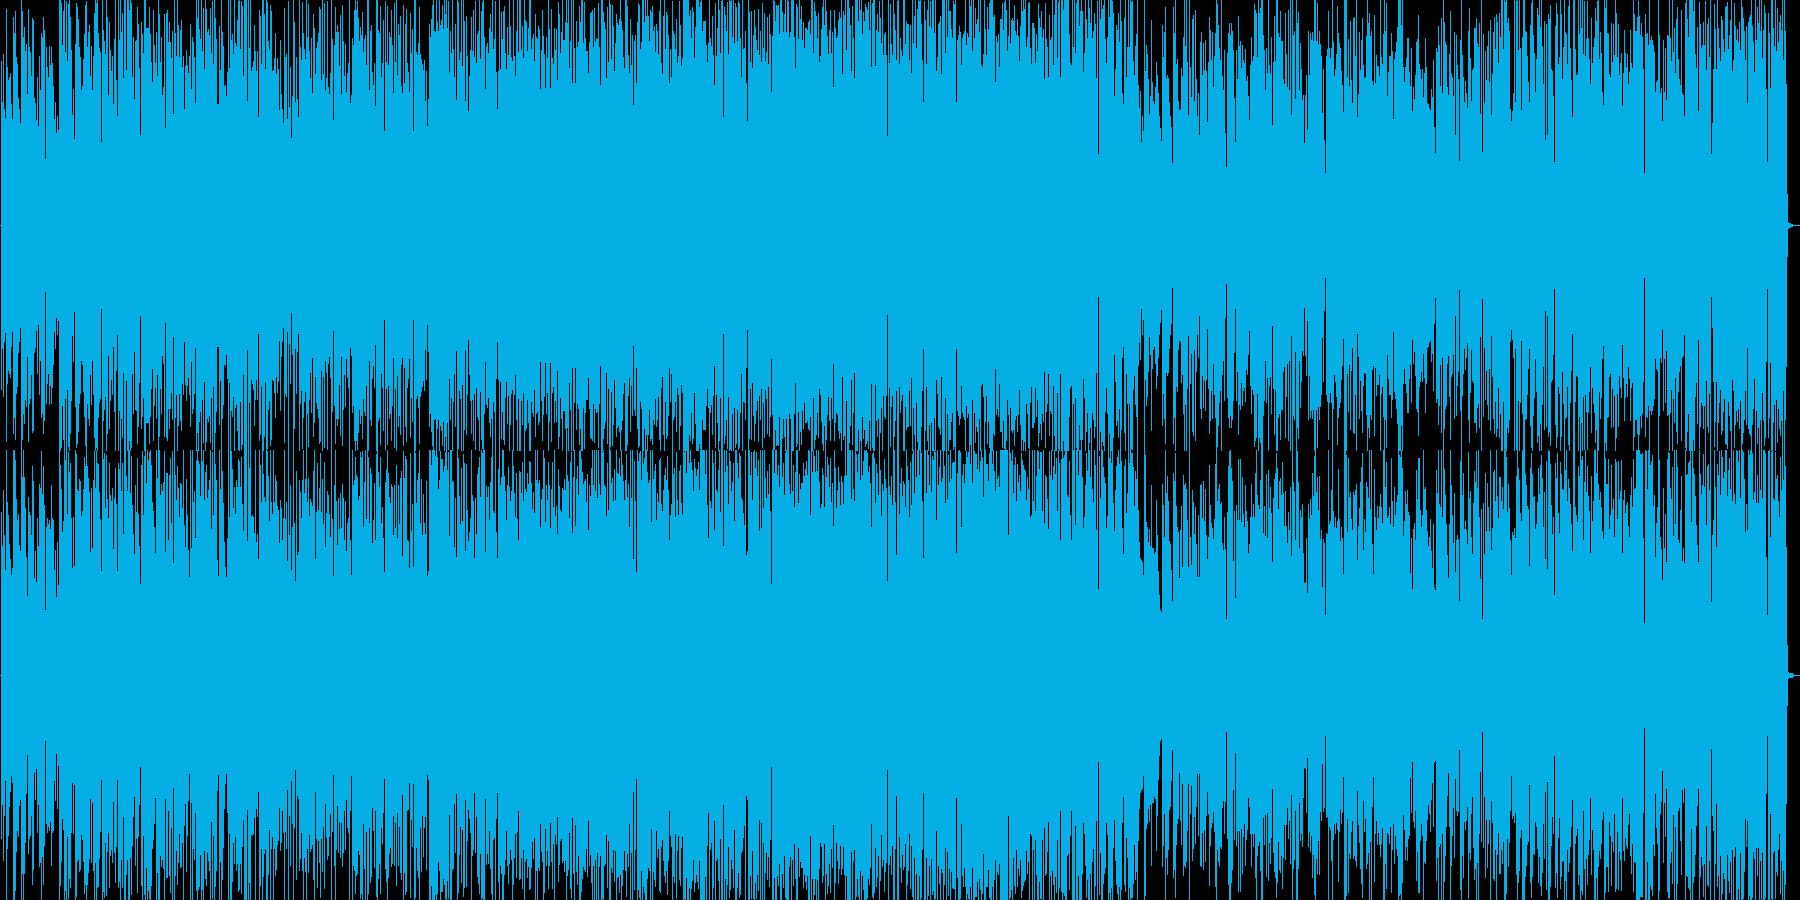 ノリのいいジャズピアノトリオの再生済みの波形